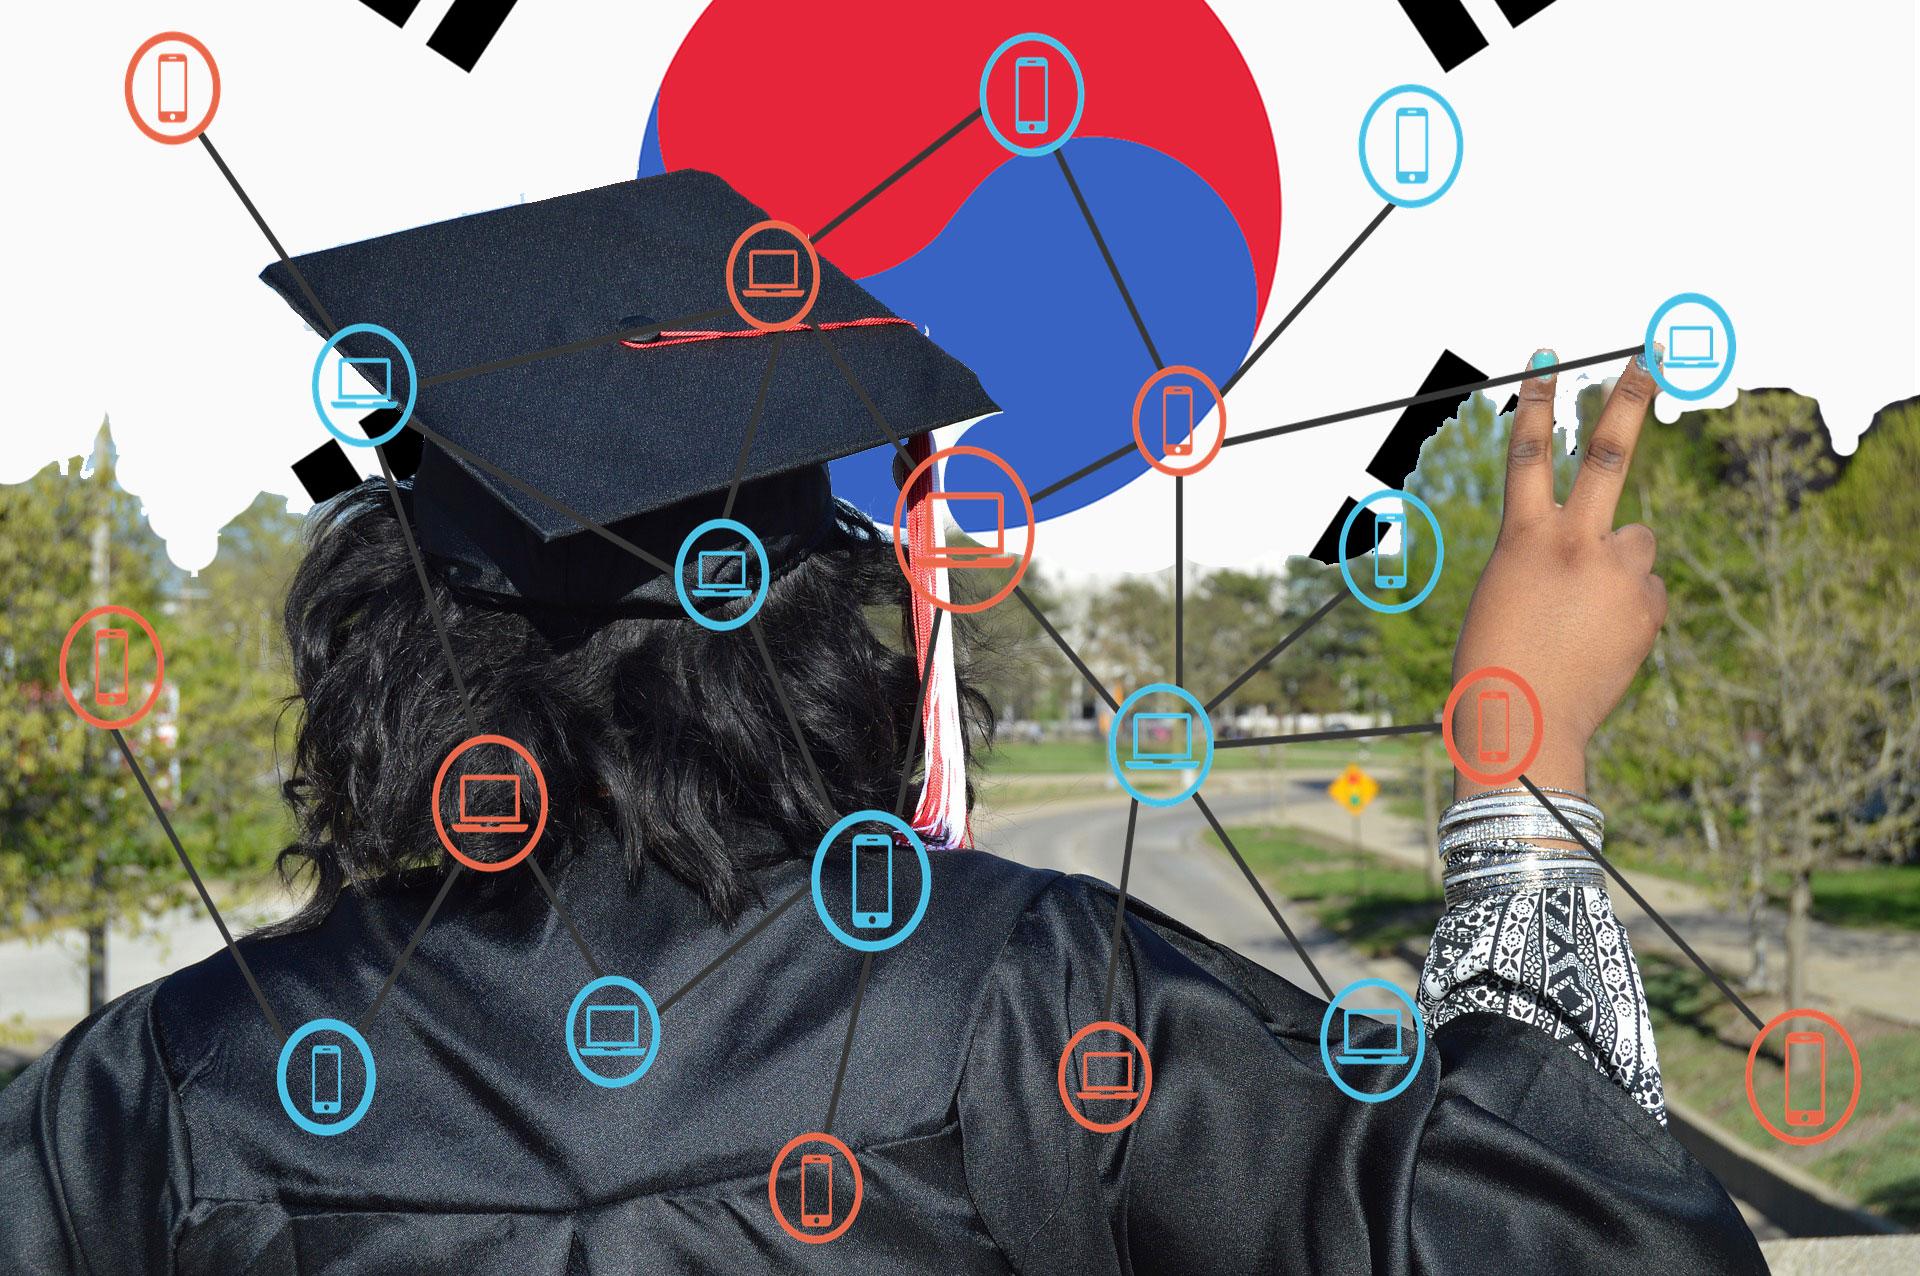 韓国の大学は「ブロックチェーン卒業証書」でコロナウィルスのリスクを回避